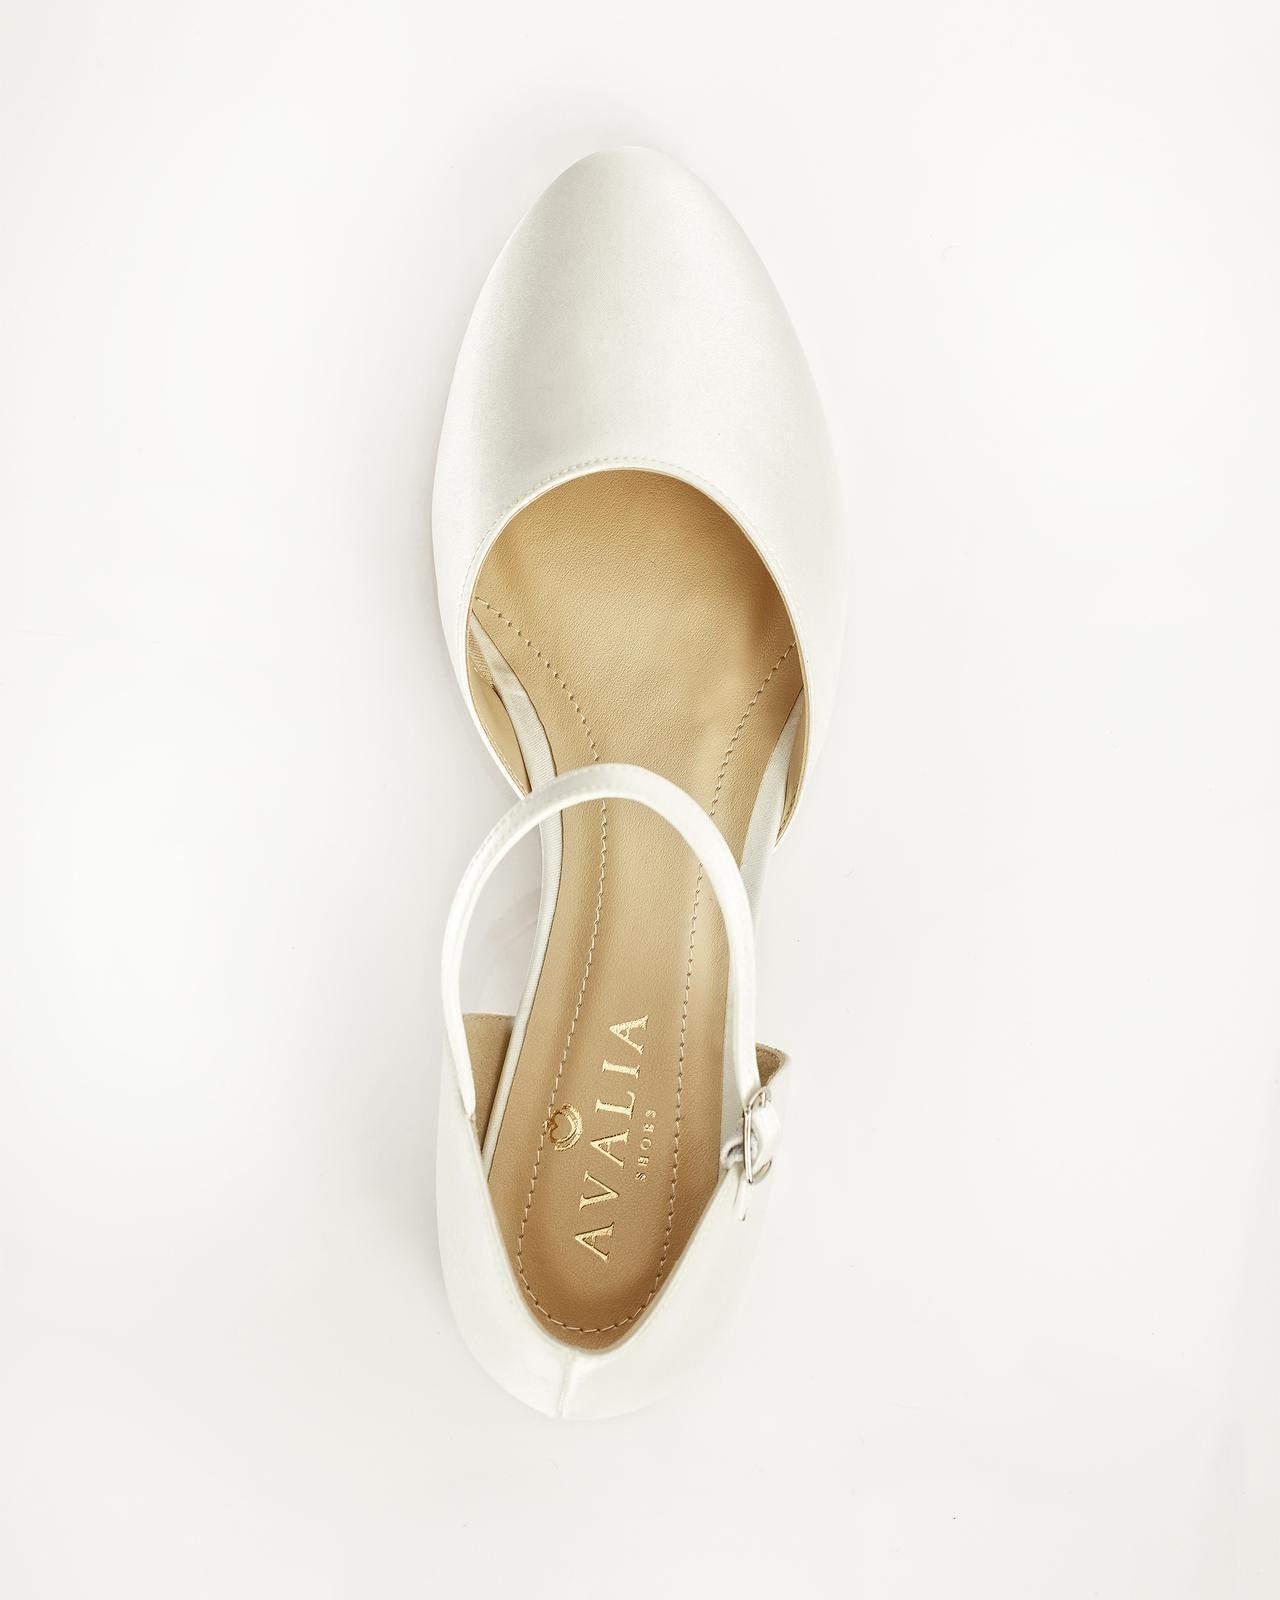 Svadobné balerínky Sissi veľ. 36 až 41 - Obrázok č. 2